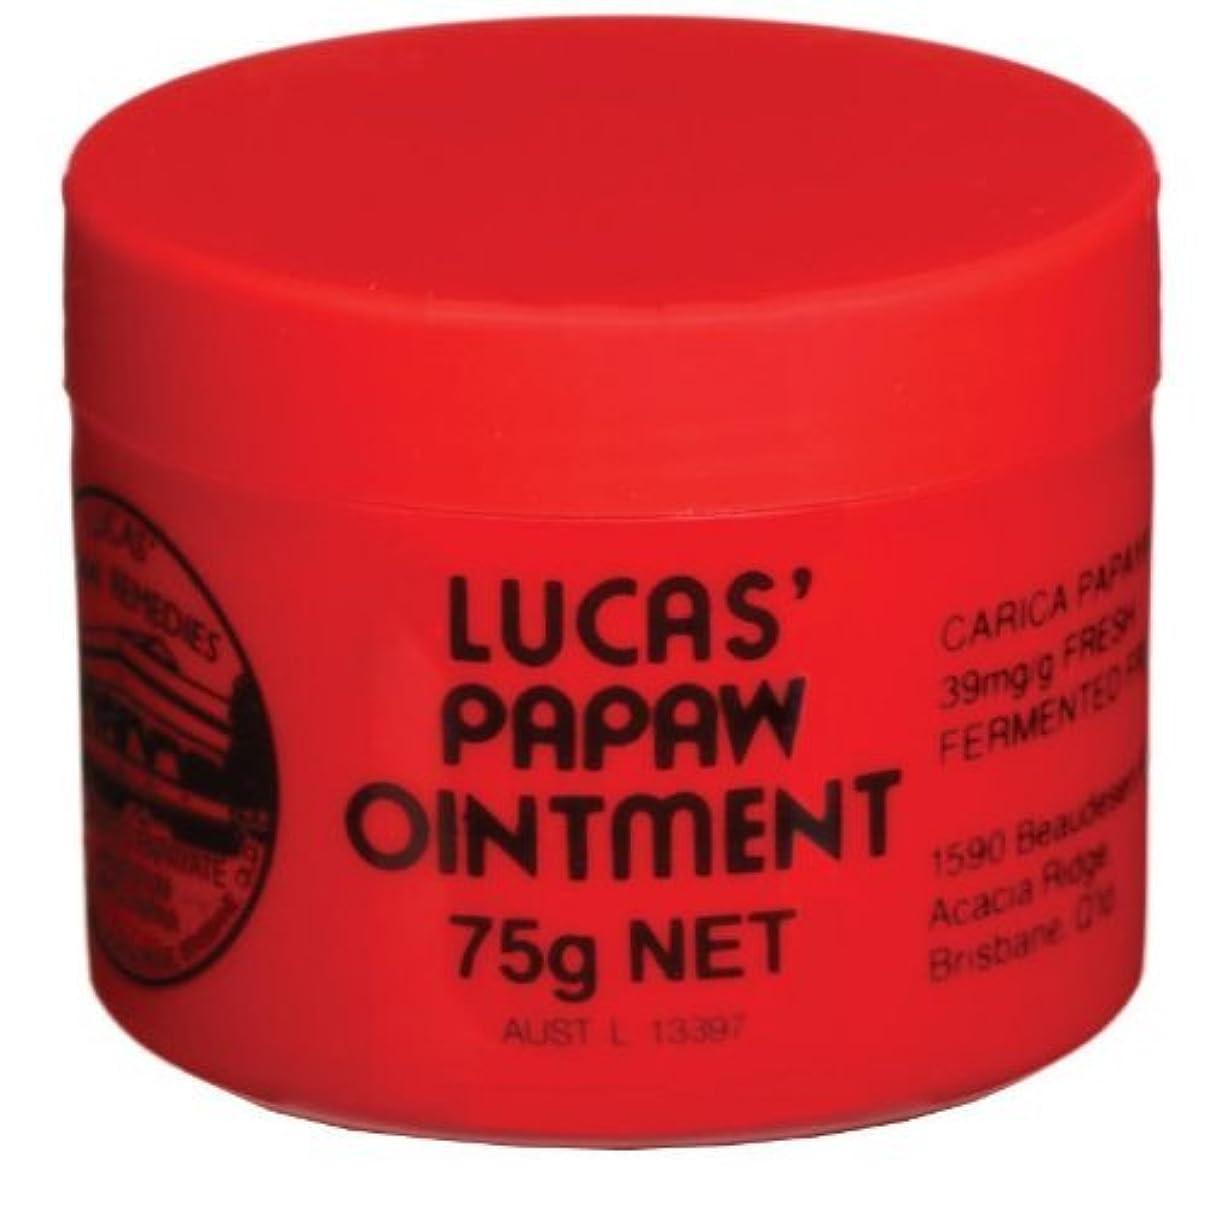 復活させるコカイン時[Lucas' Papaw Ointment] ルーカスポーポークリーム 75g